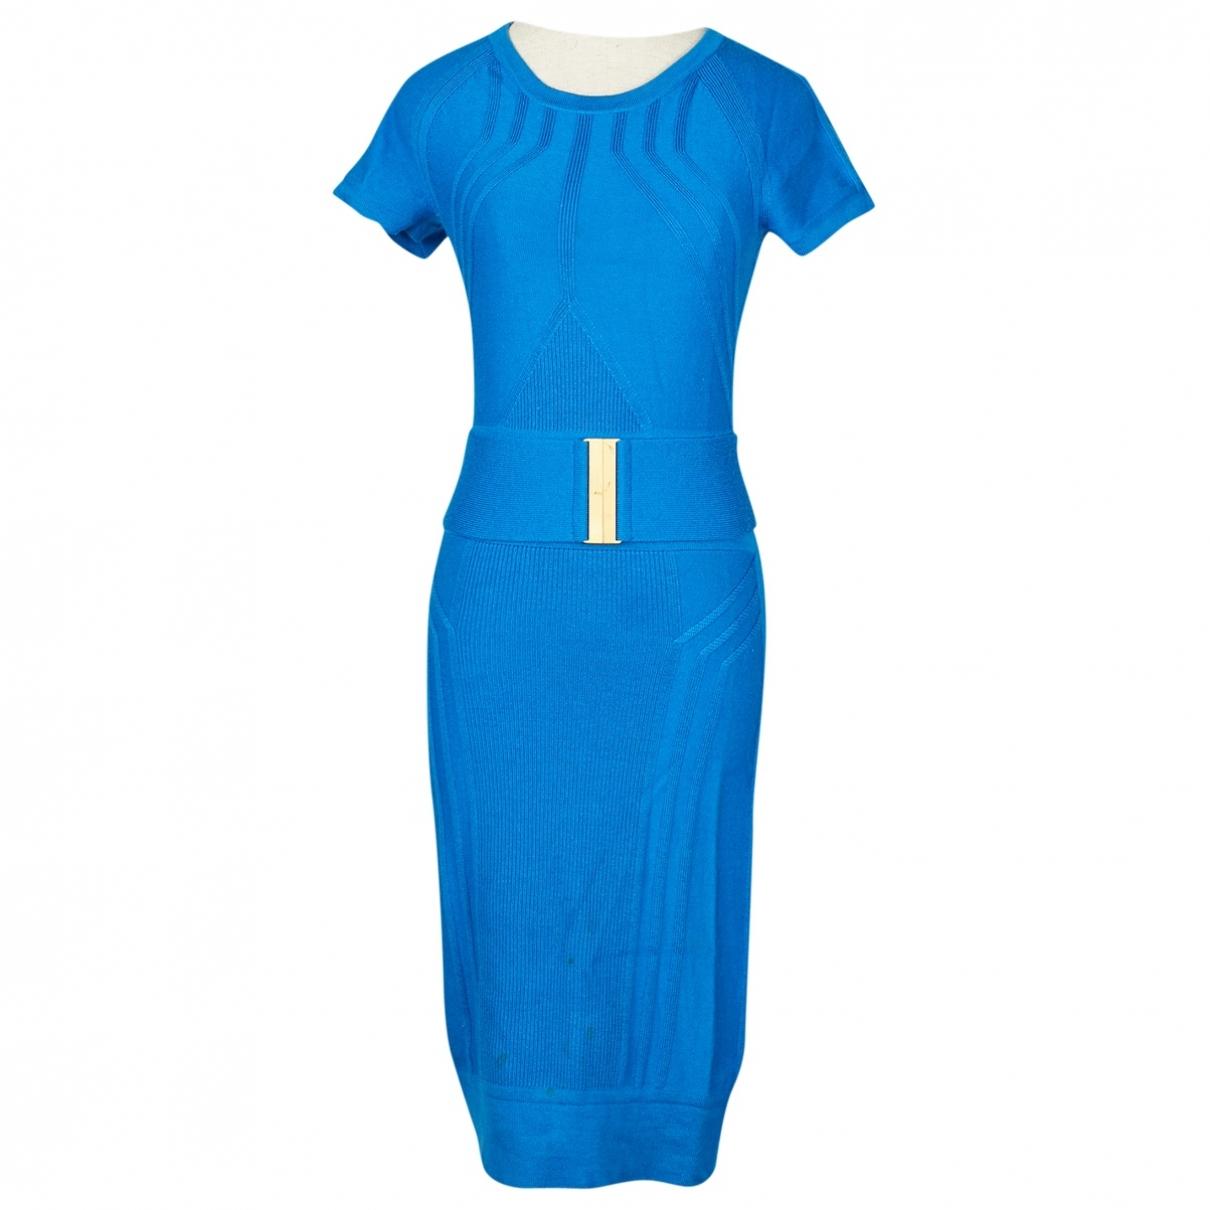 Diane Von Furstenberg \N Blue Wool dress for Women S International